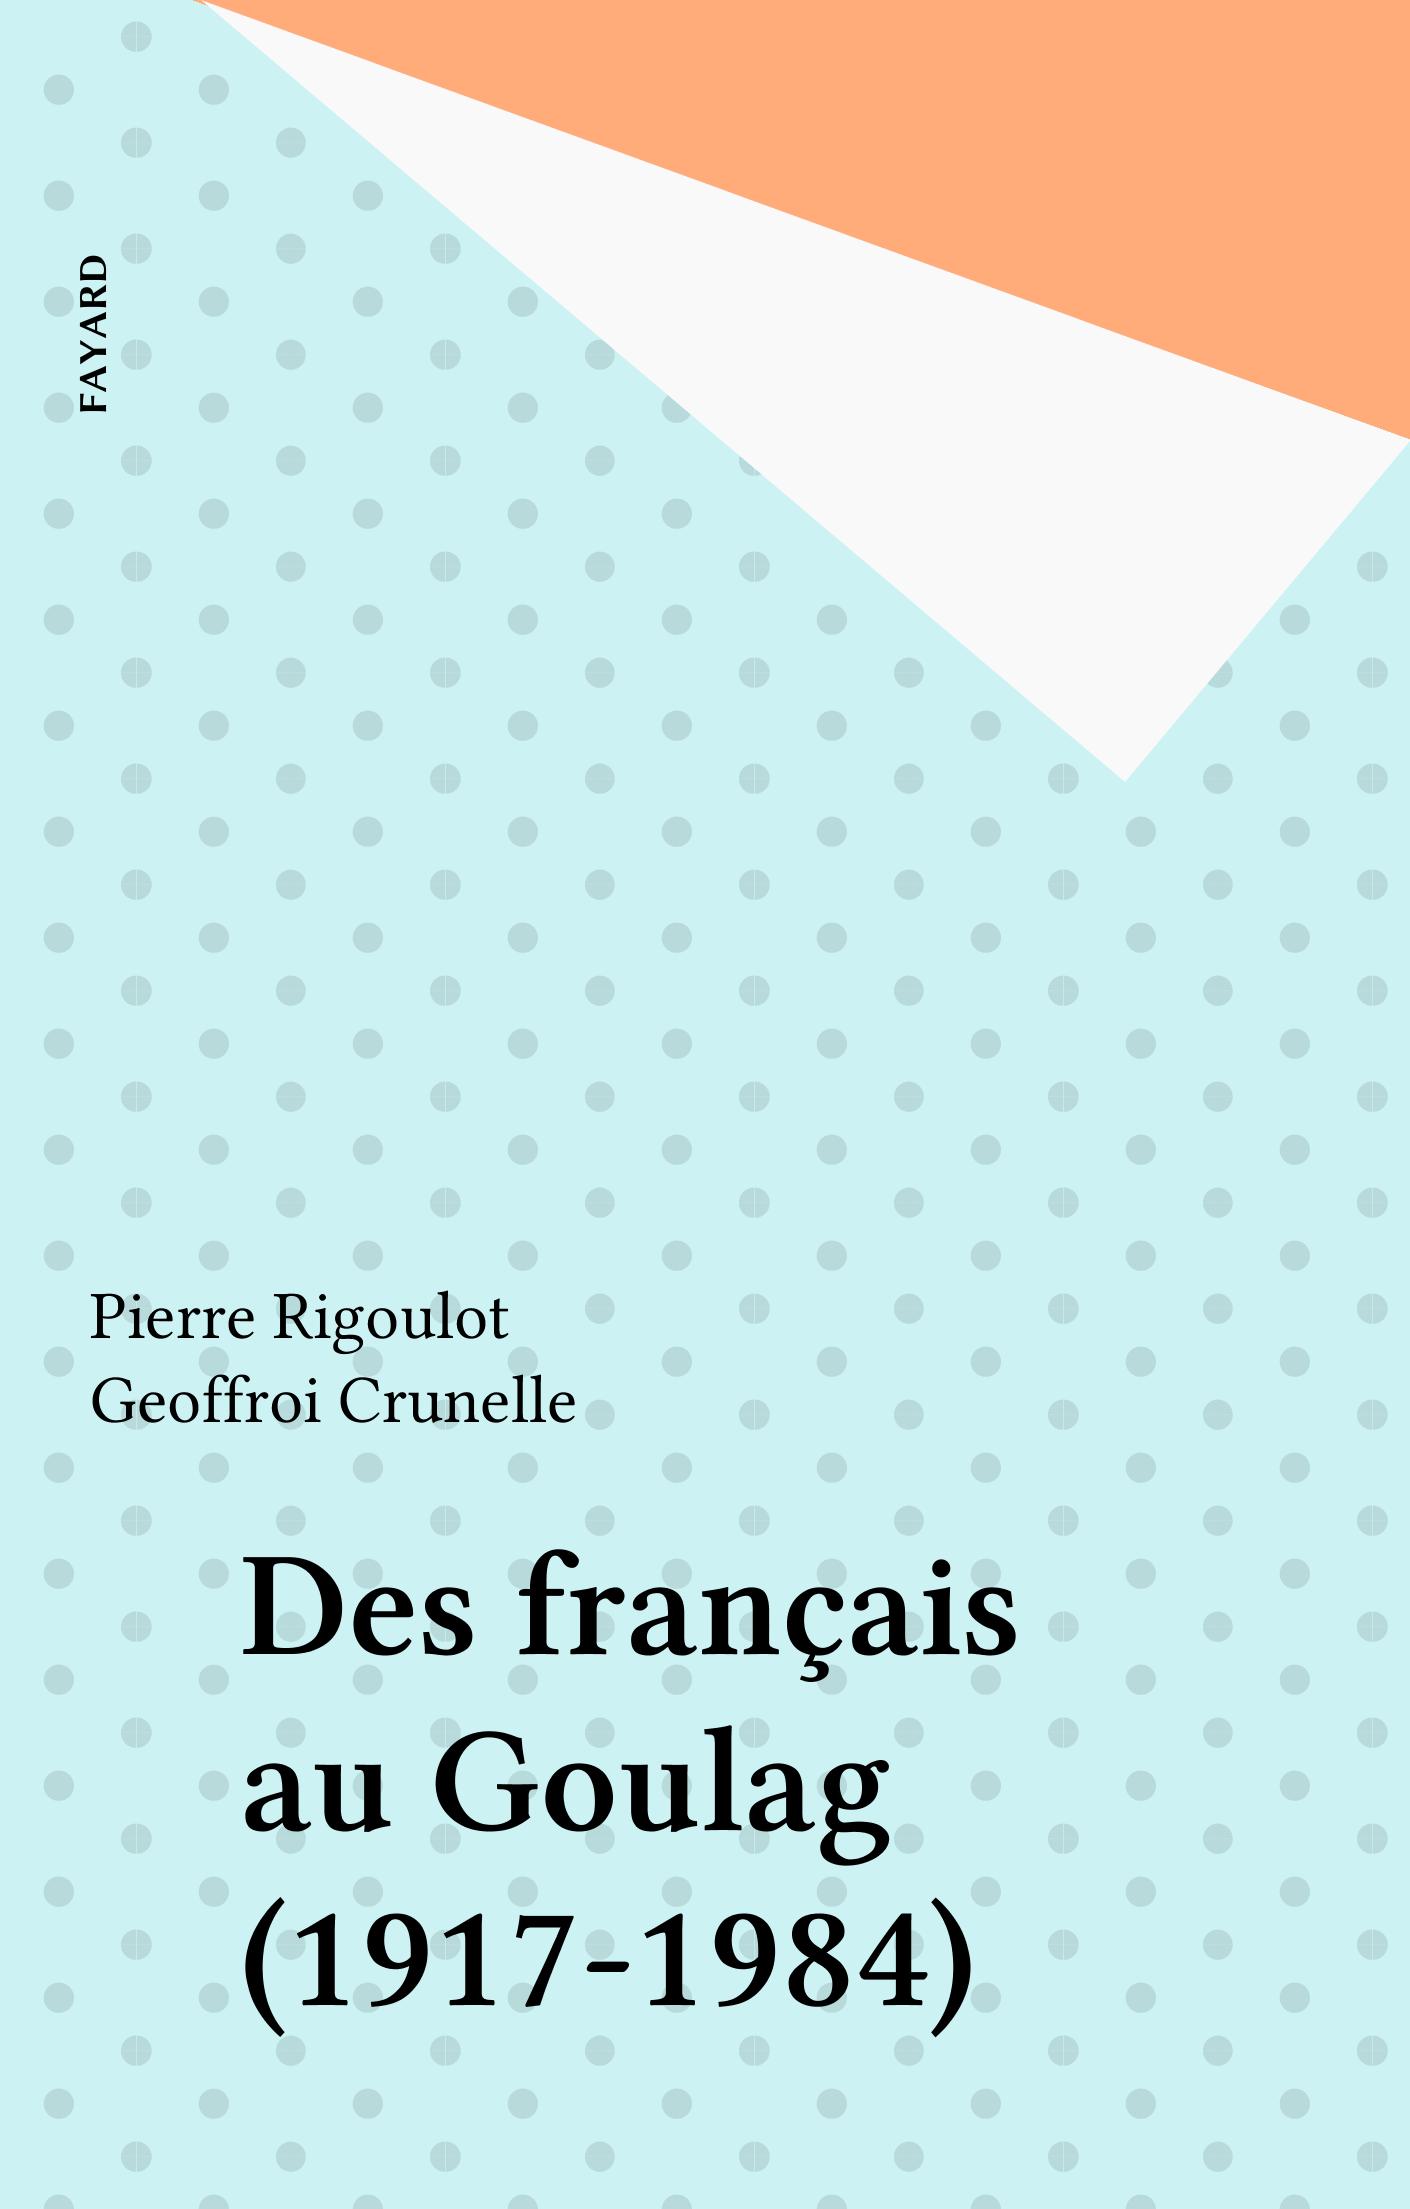 Des français au Goulag (1917-1984)